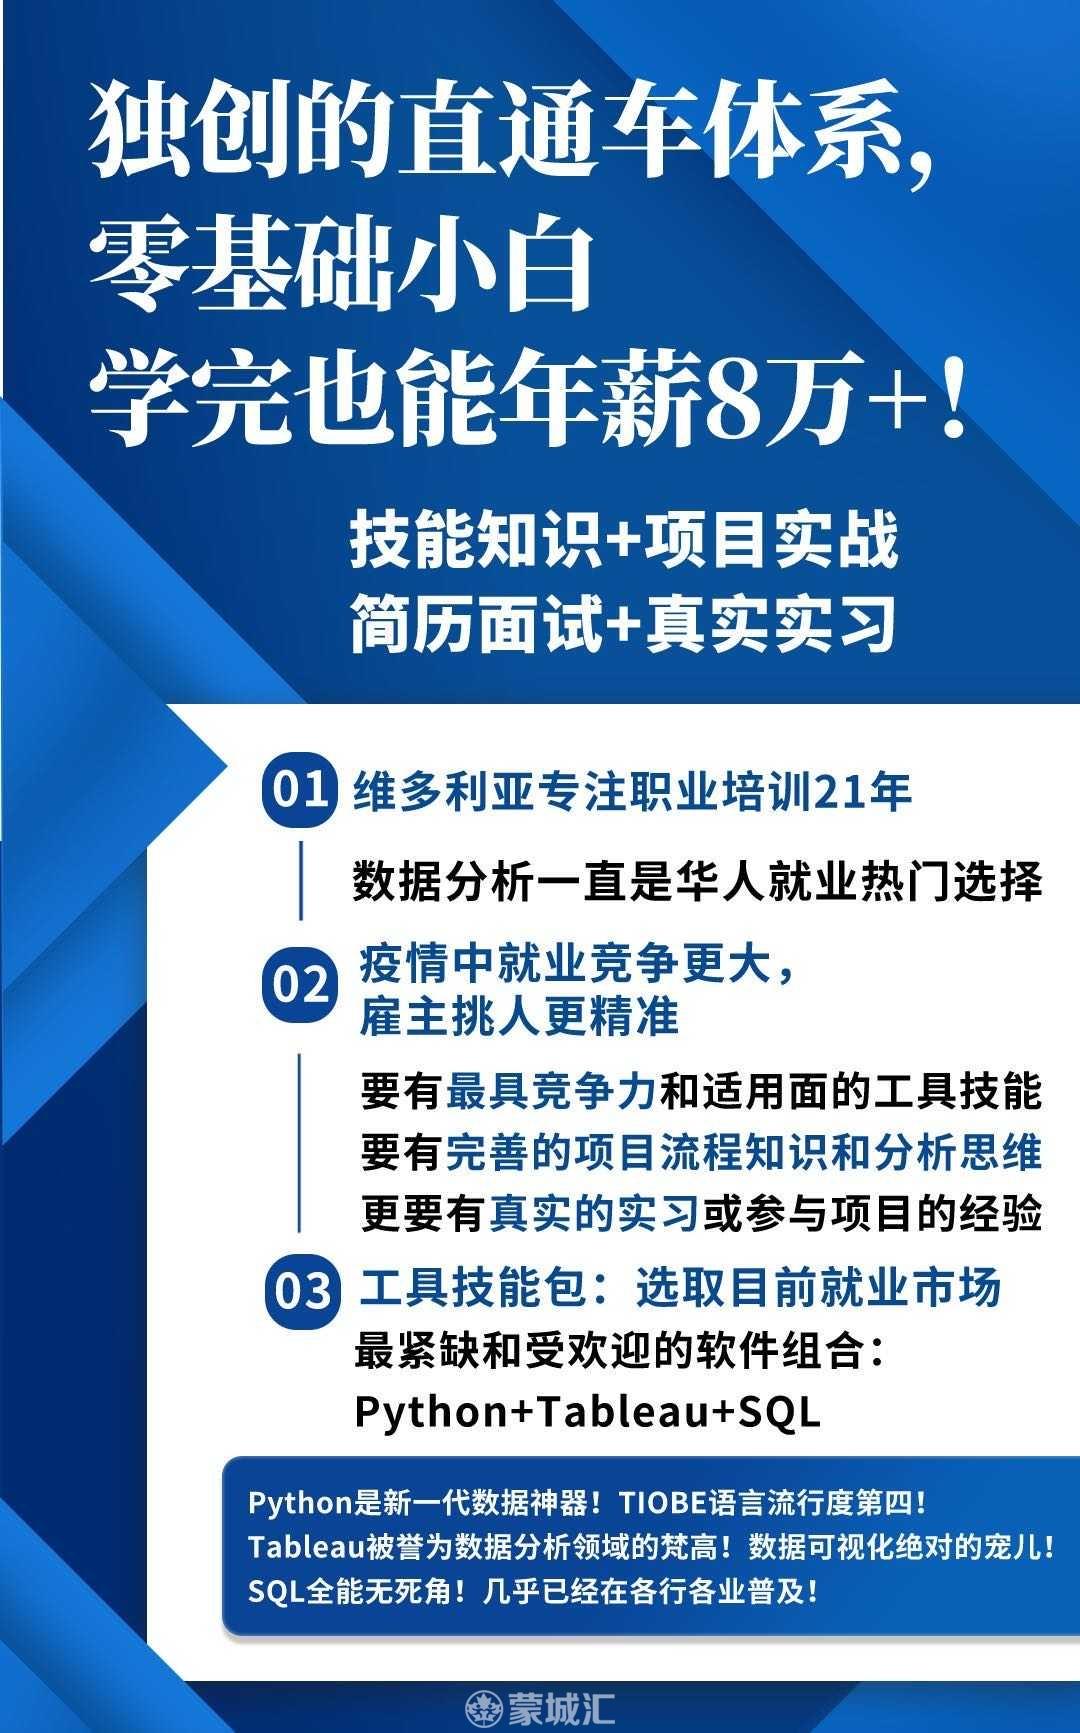 WeChat Image_20210617204953.jpg